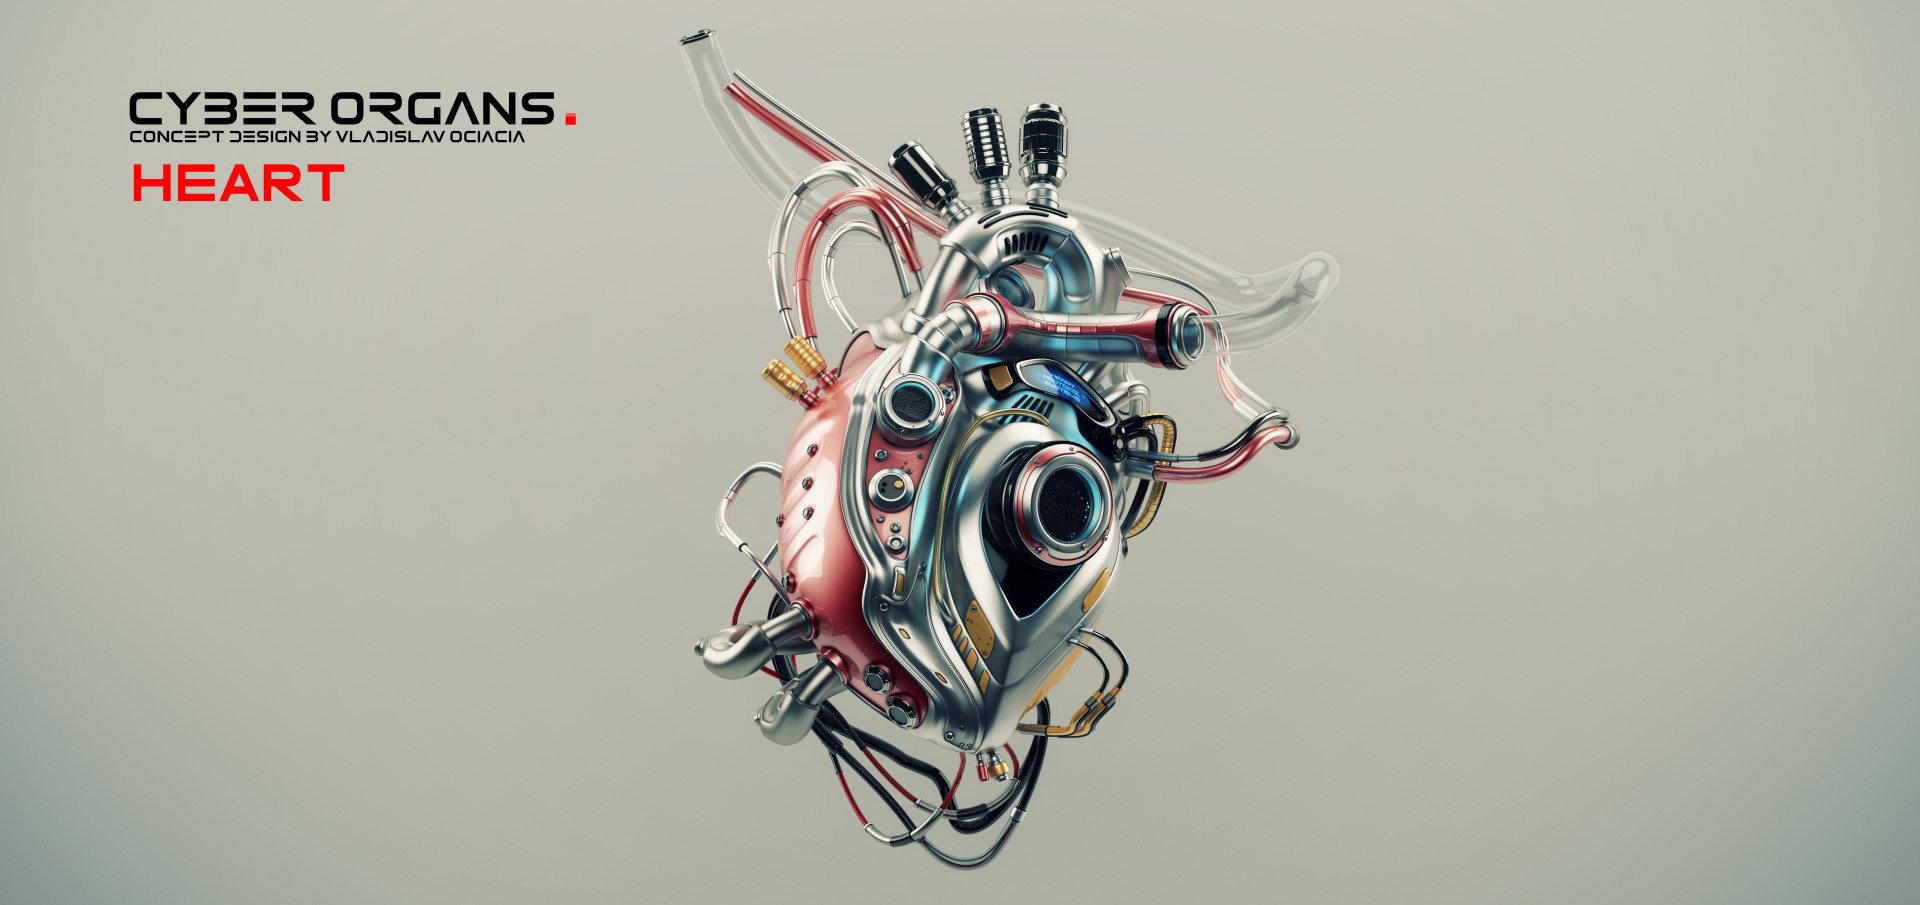 Artstation - Artificial Organs Vladislav Ociacia